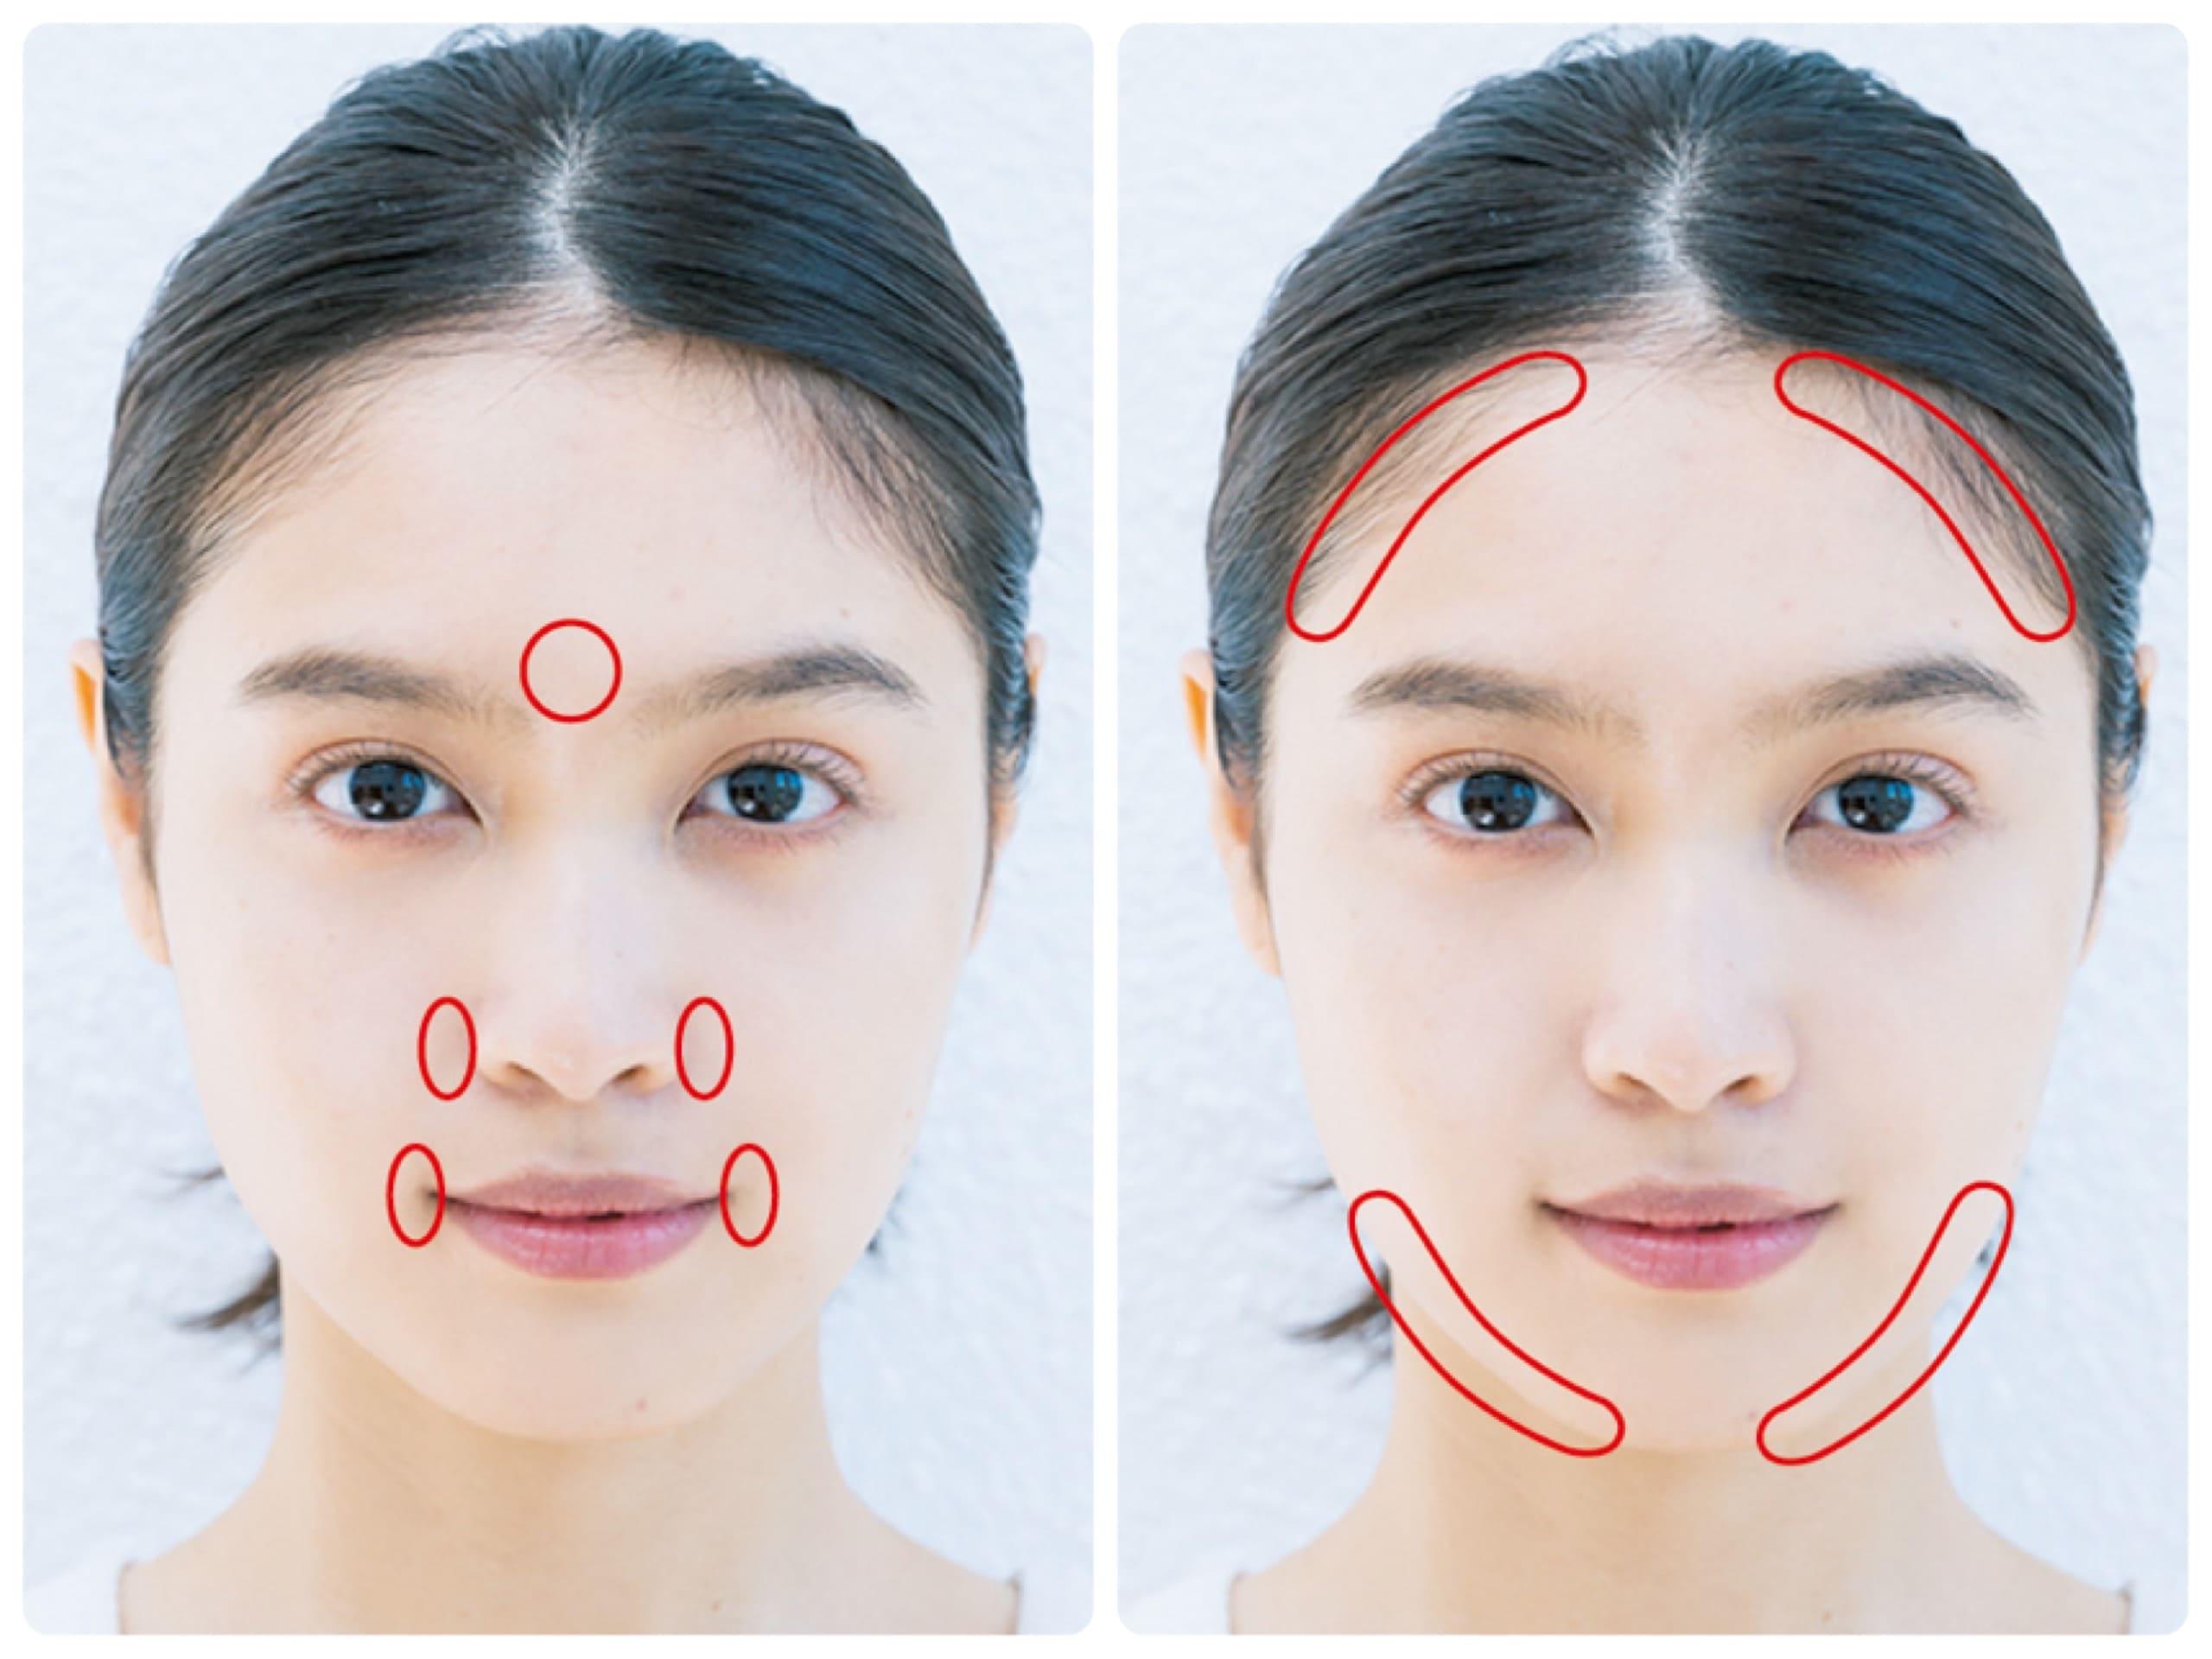 小顔を目指す【大全集】 - すぐにできる簡単マッサージや小顔メイク、スキンケアやグッズなどフェイスラインの対策まとめ_6